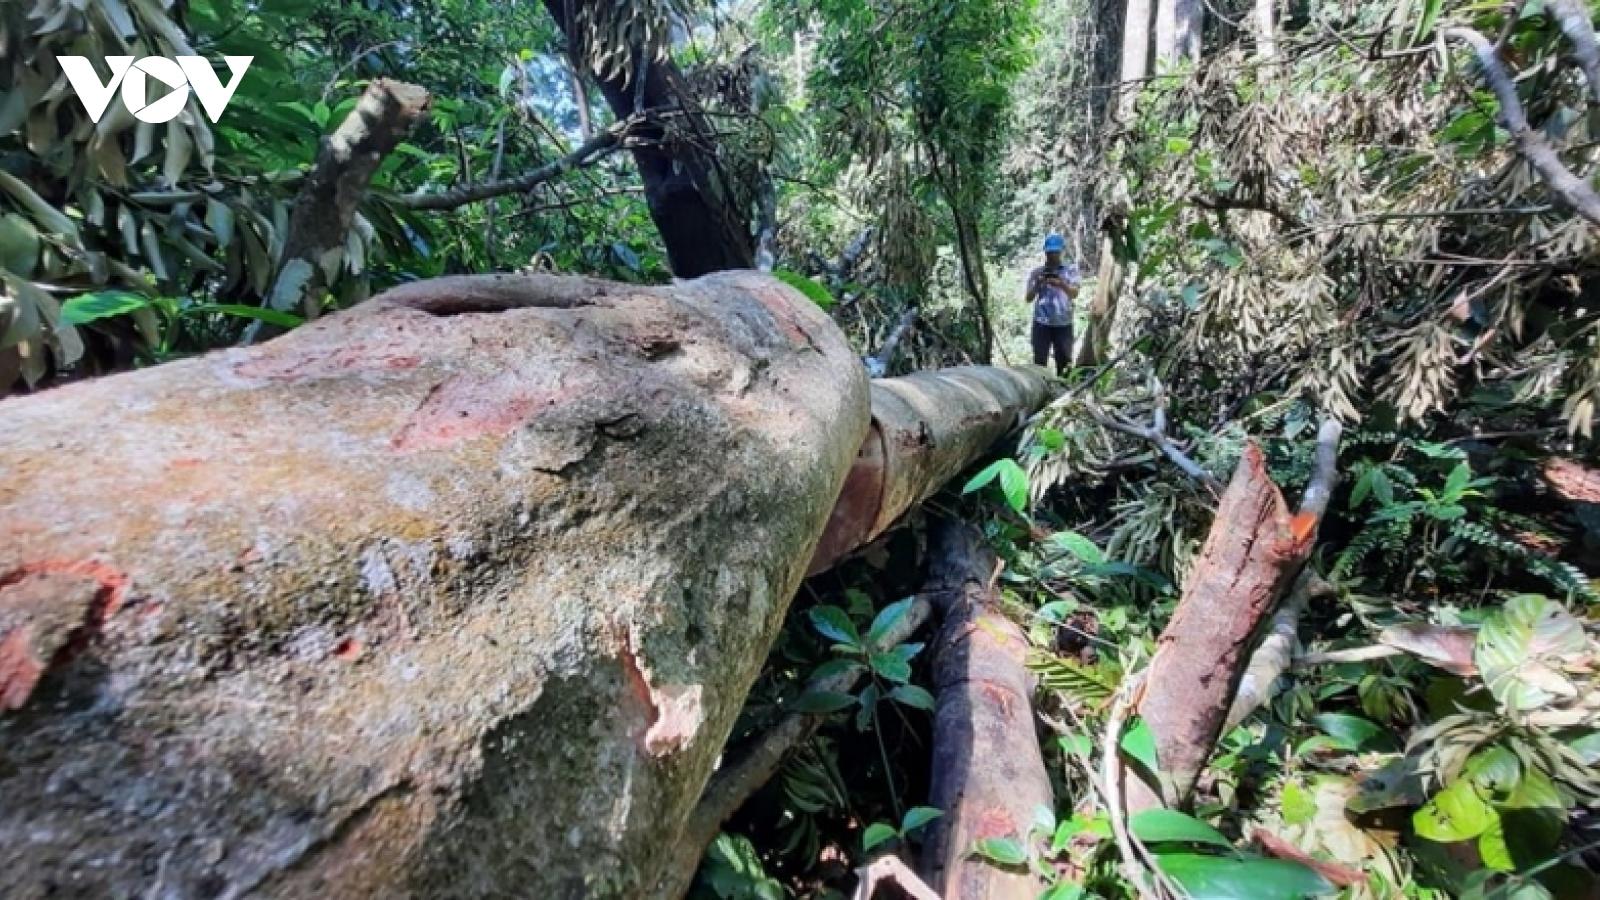 Khẩn trương hoàn chỉnh hồ sơ, khởi tố vụ án phá rừng ở xã Trà Bui (Quảng Nam)